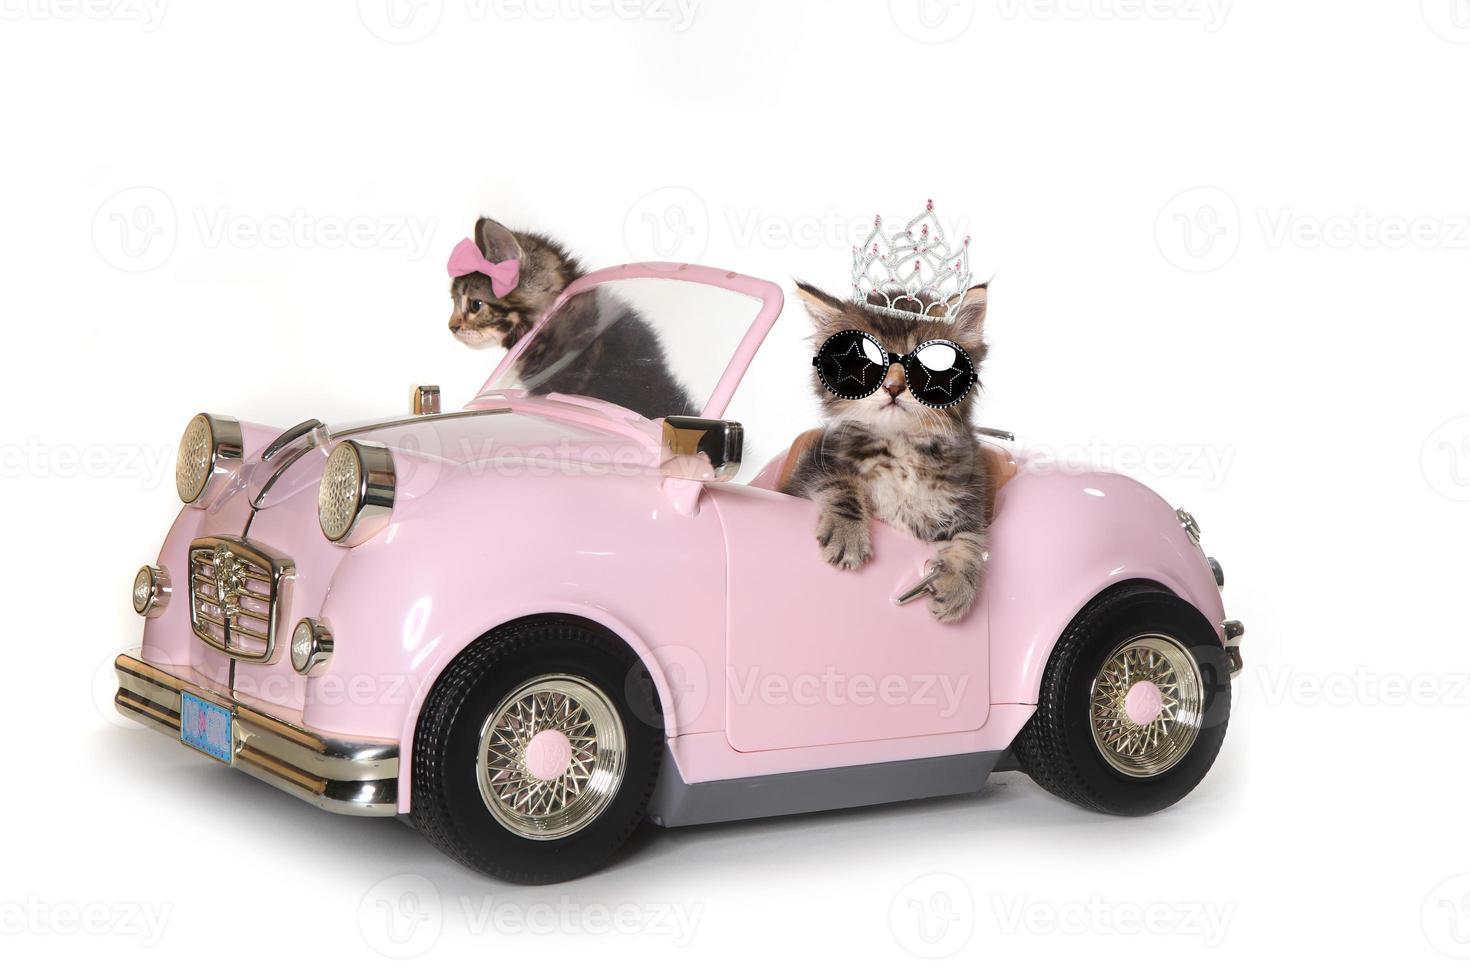 simpatici gattini maincoon con alla guida di una decappottabile foto